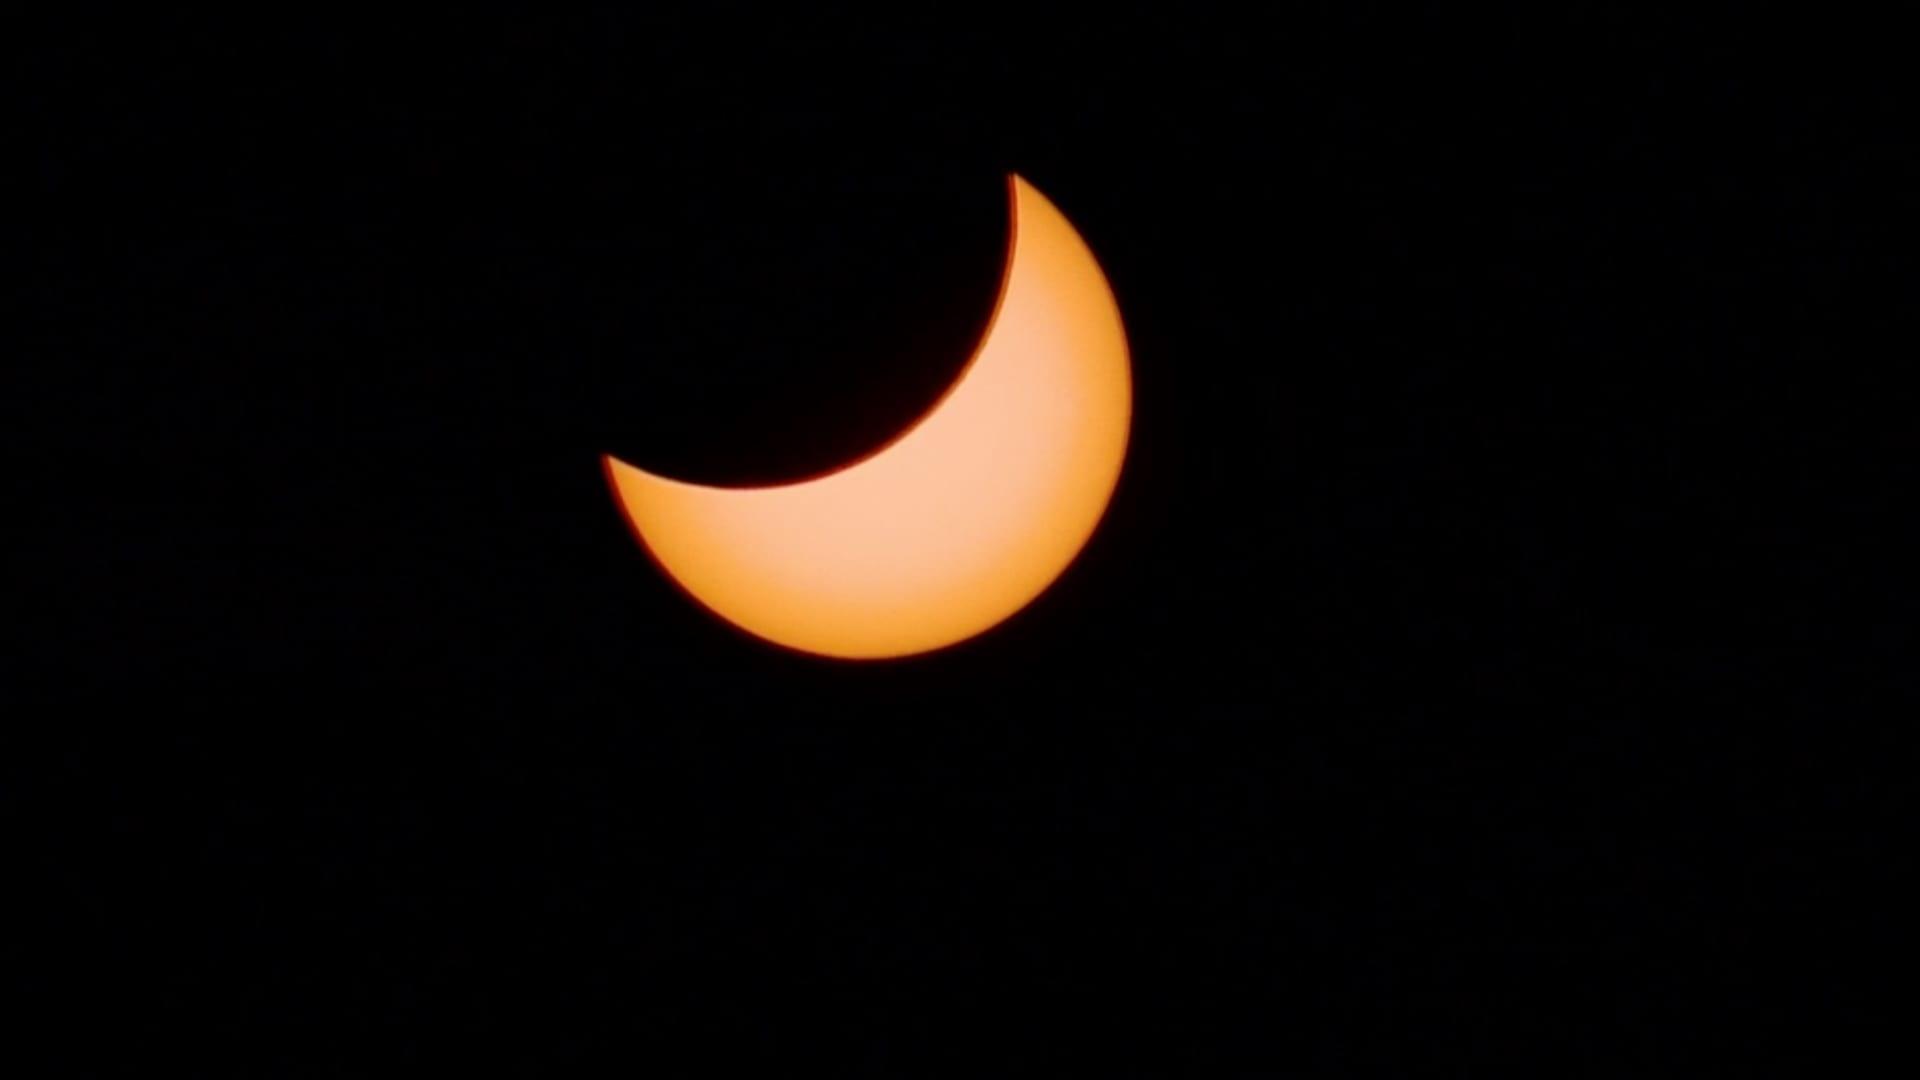 شاهد كسوف كلي للشمس.. يحول النهار إلى ليل مظلم في تشيلي